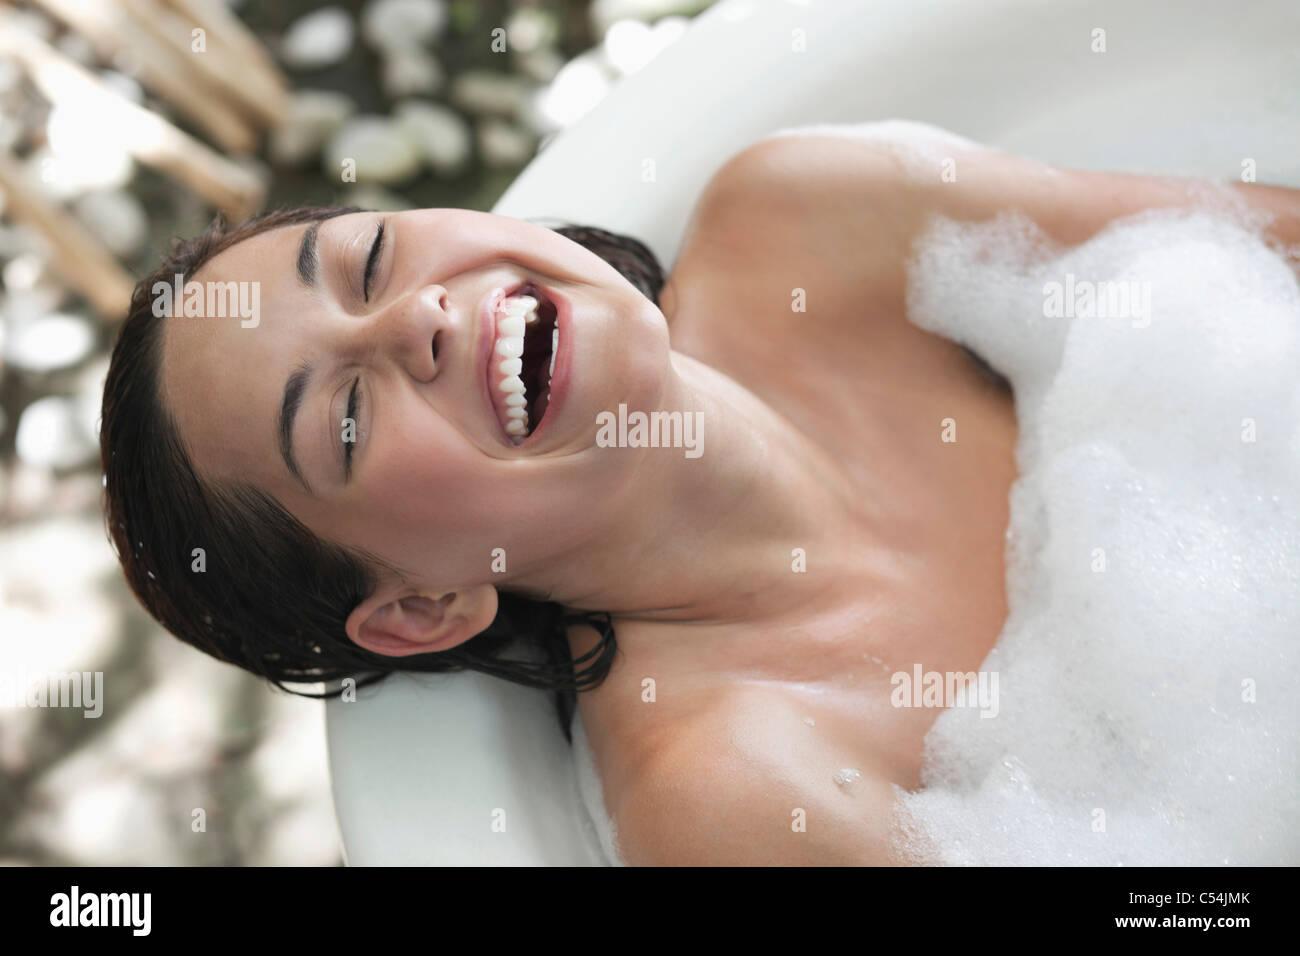 Schöne junge Frau unter Schaumbad und lächelnd Stockbild